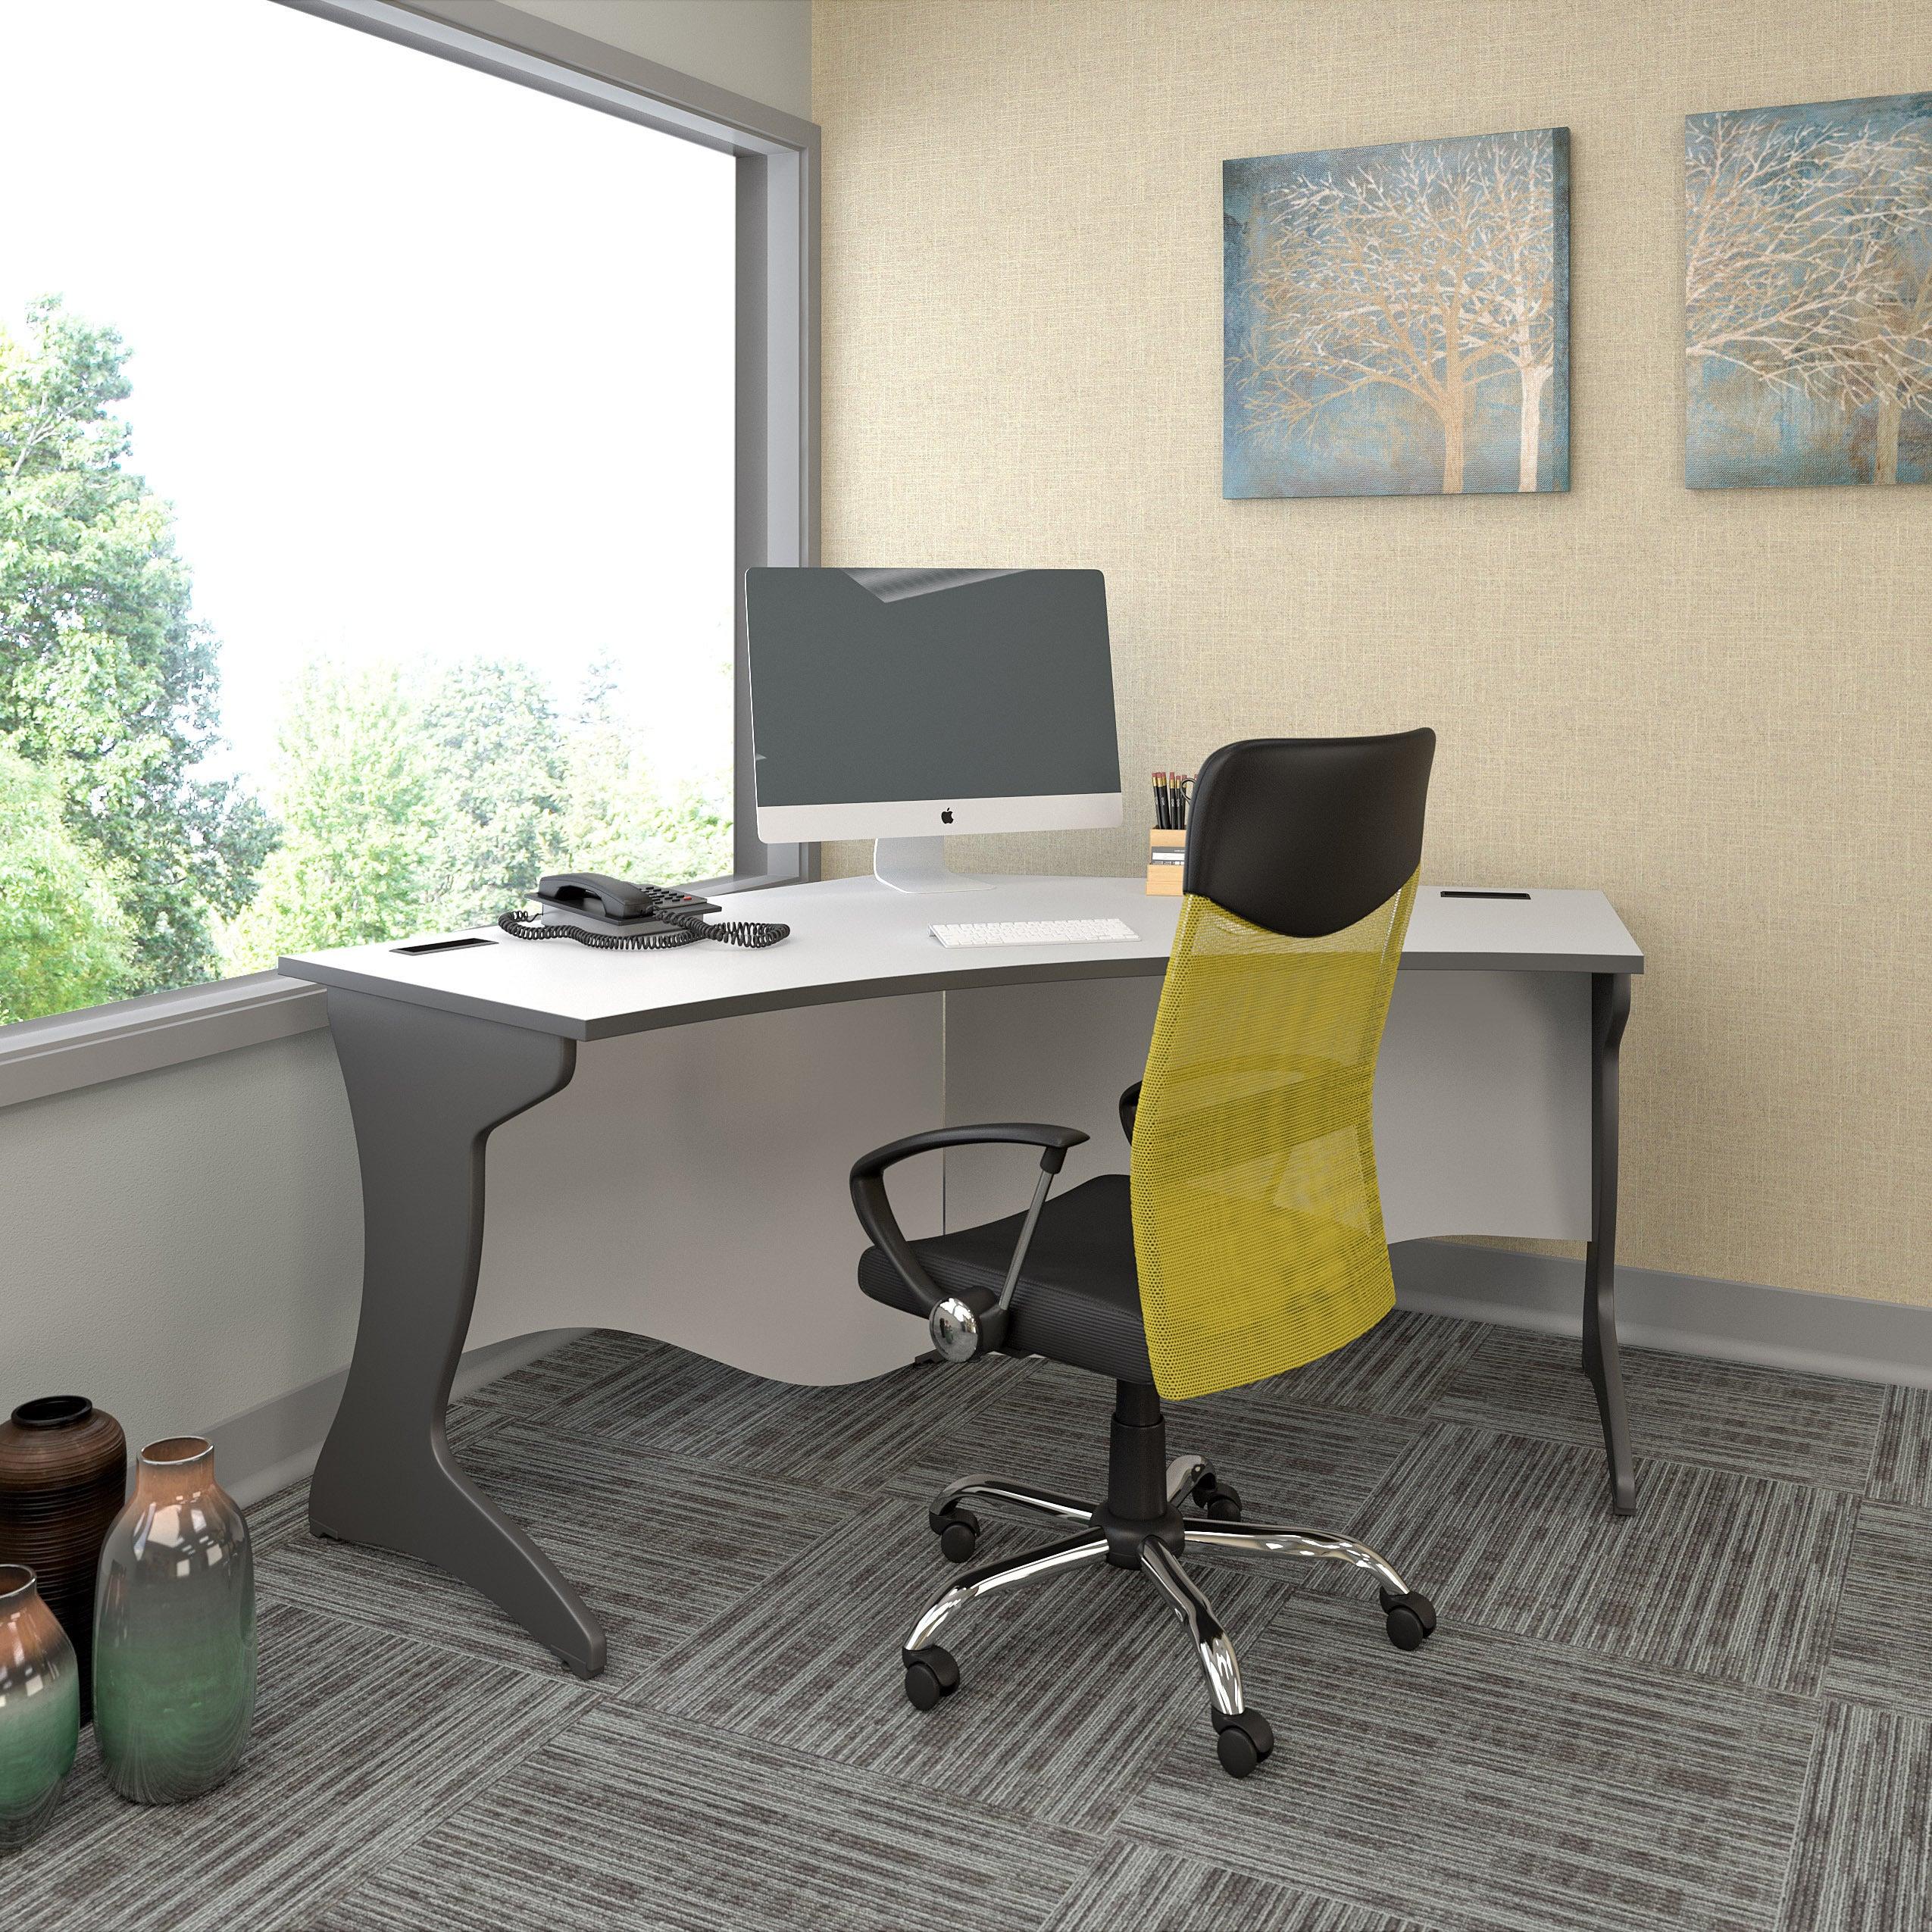 Corliving Workspace Grey Curved Corner Desk Overstock 13851472